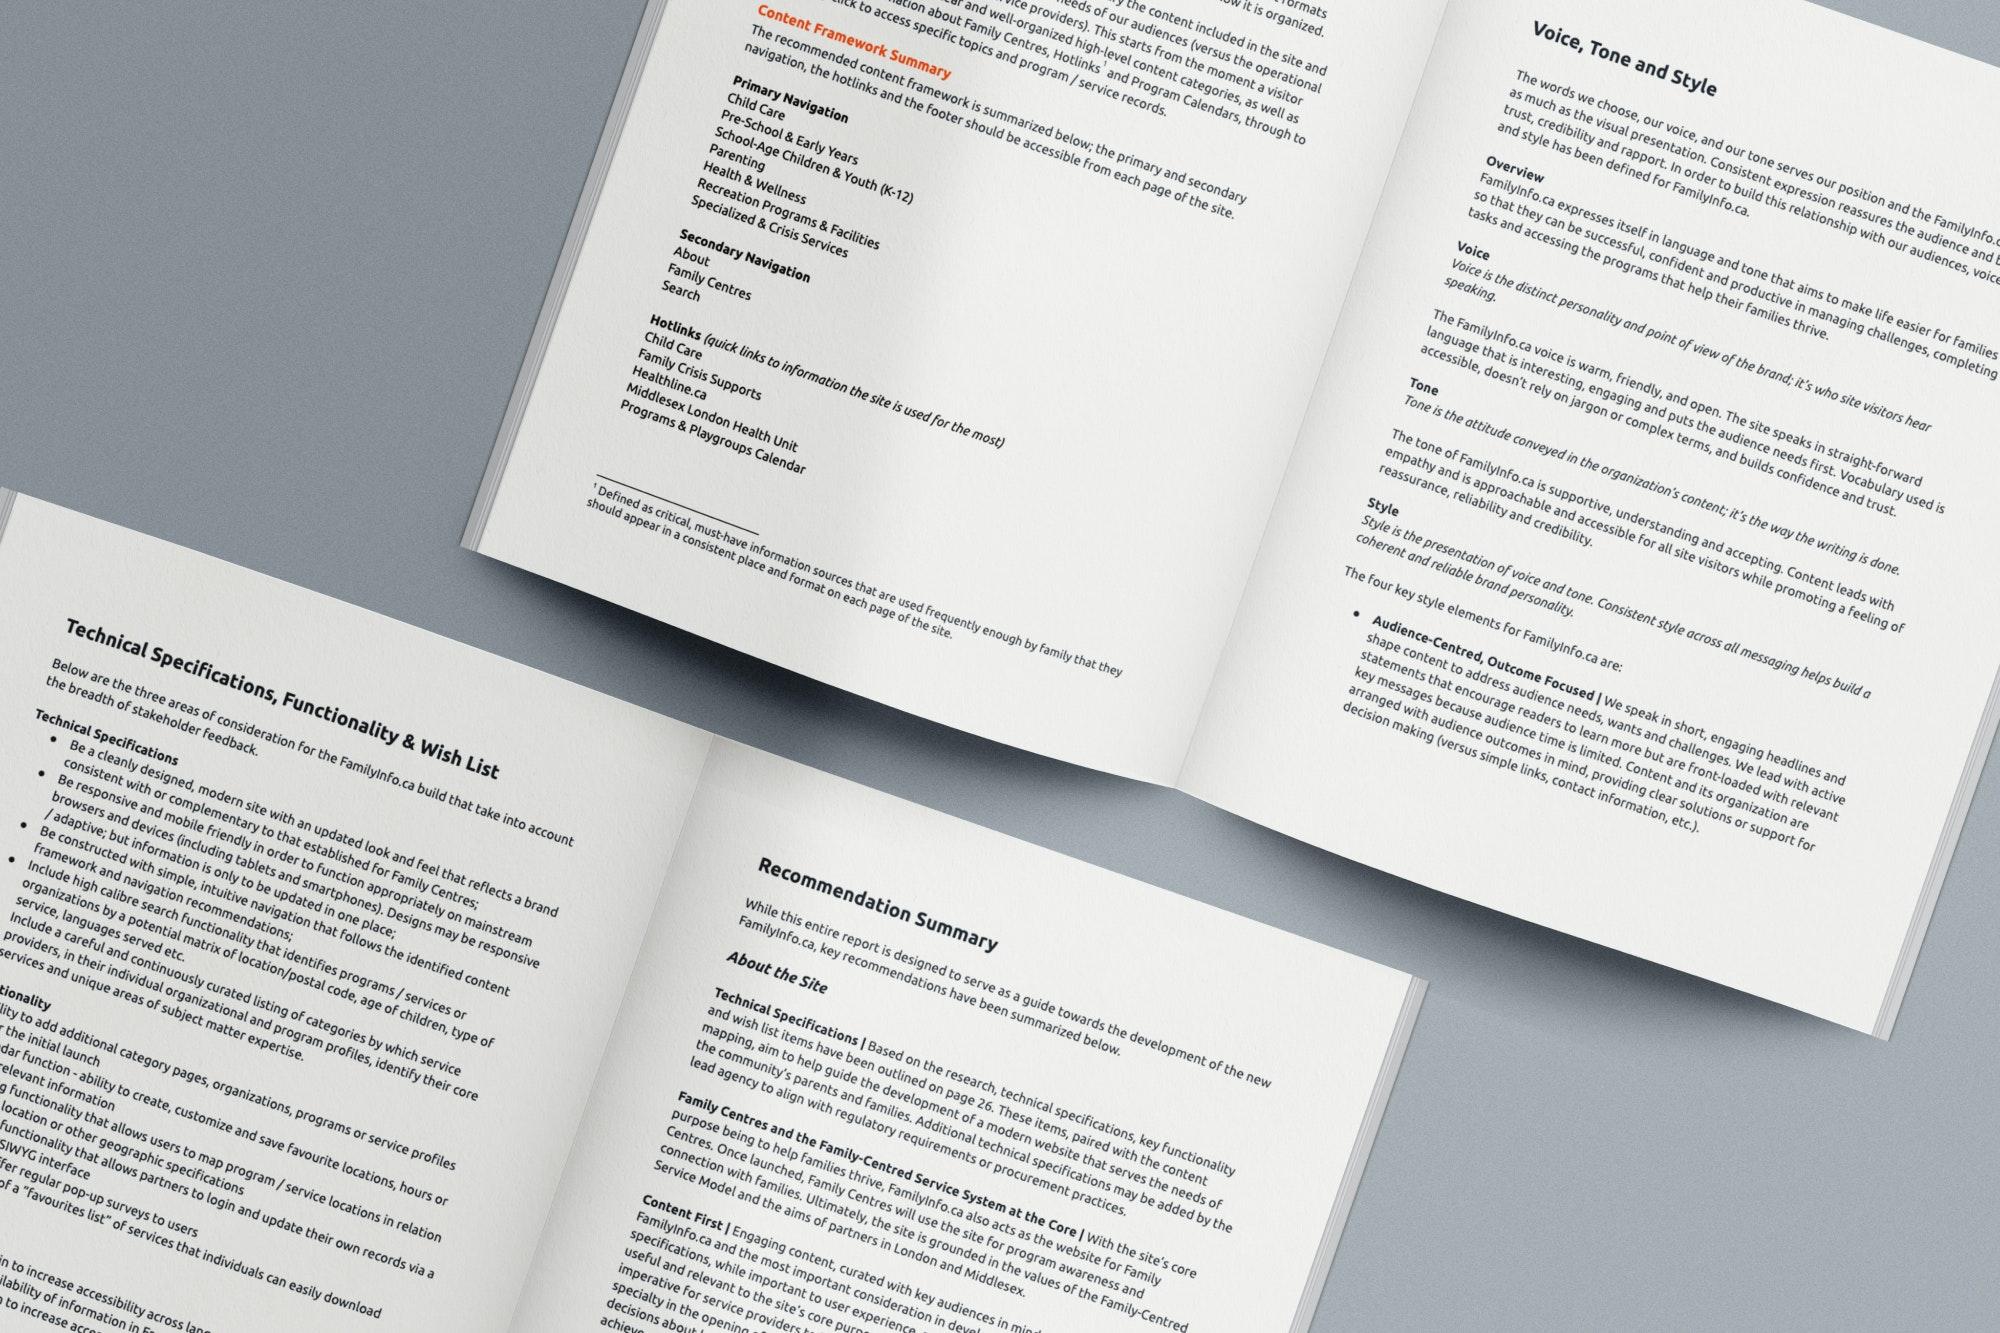 FamilyInfo.ca strategic roadmap document